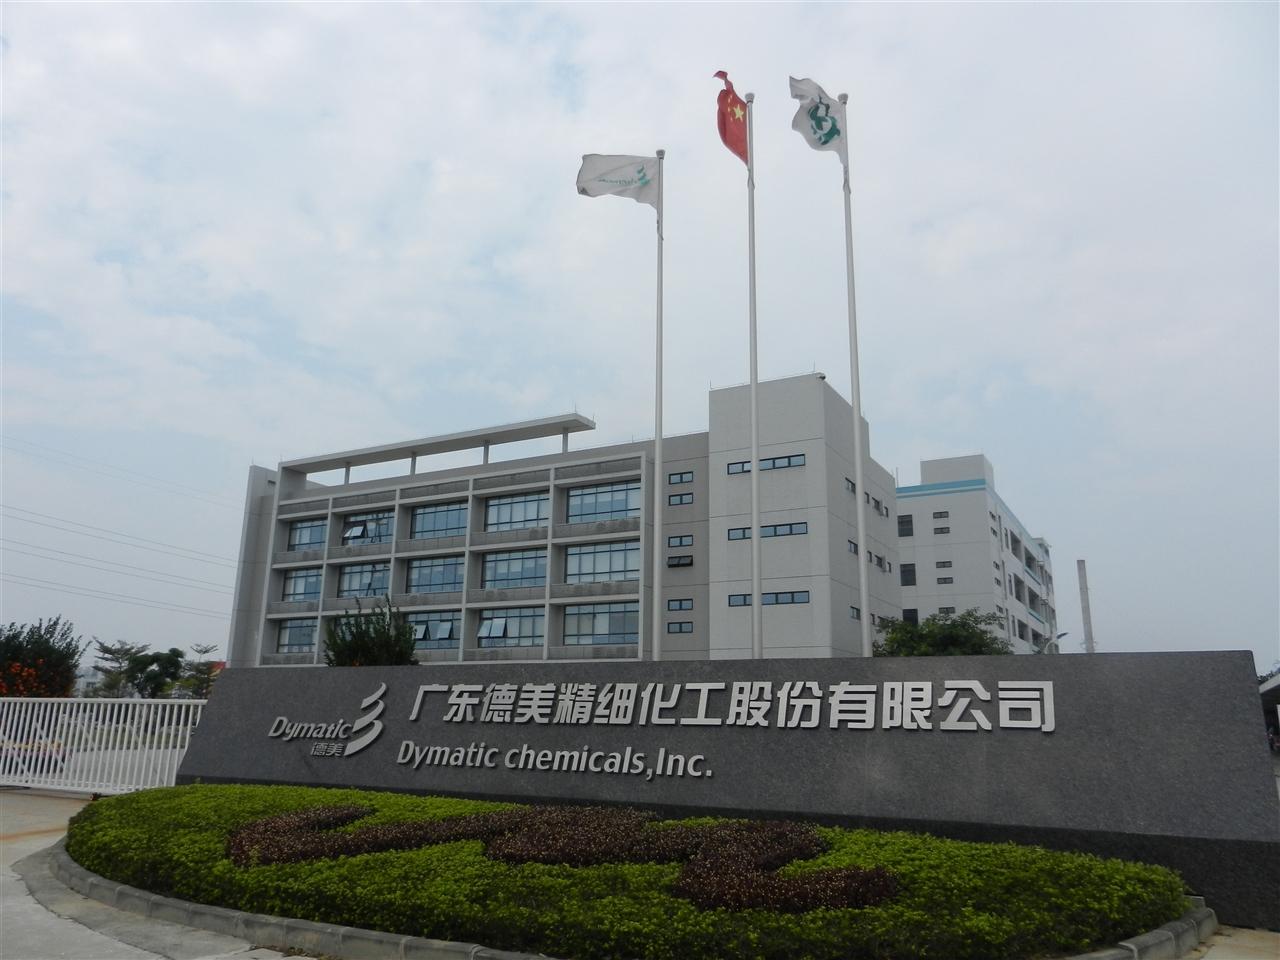 广东德美精细化工股份有限公司